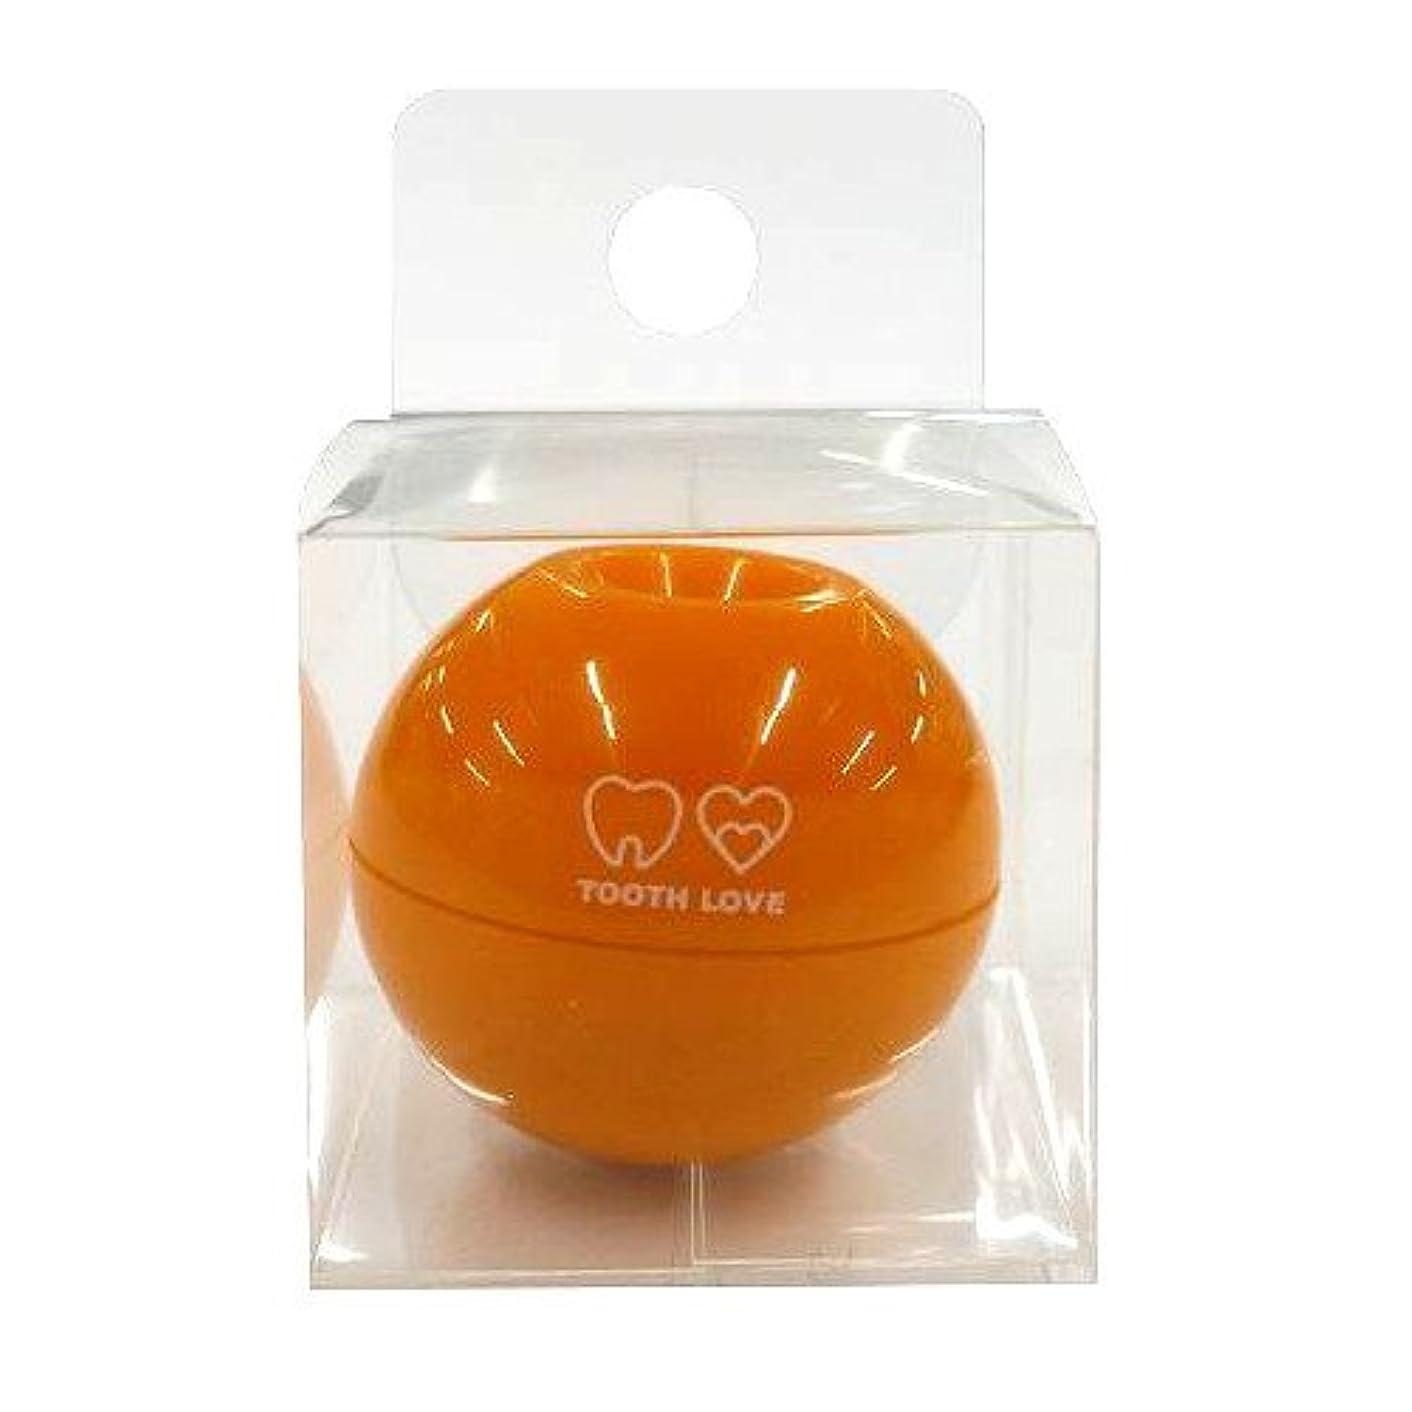 最後のアイデア逆TOOTH LOVE BALL ホルダー (歯間ブラシホルダー) オレンジ